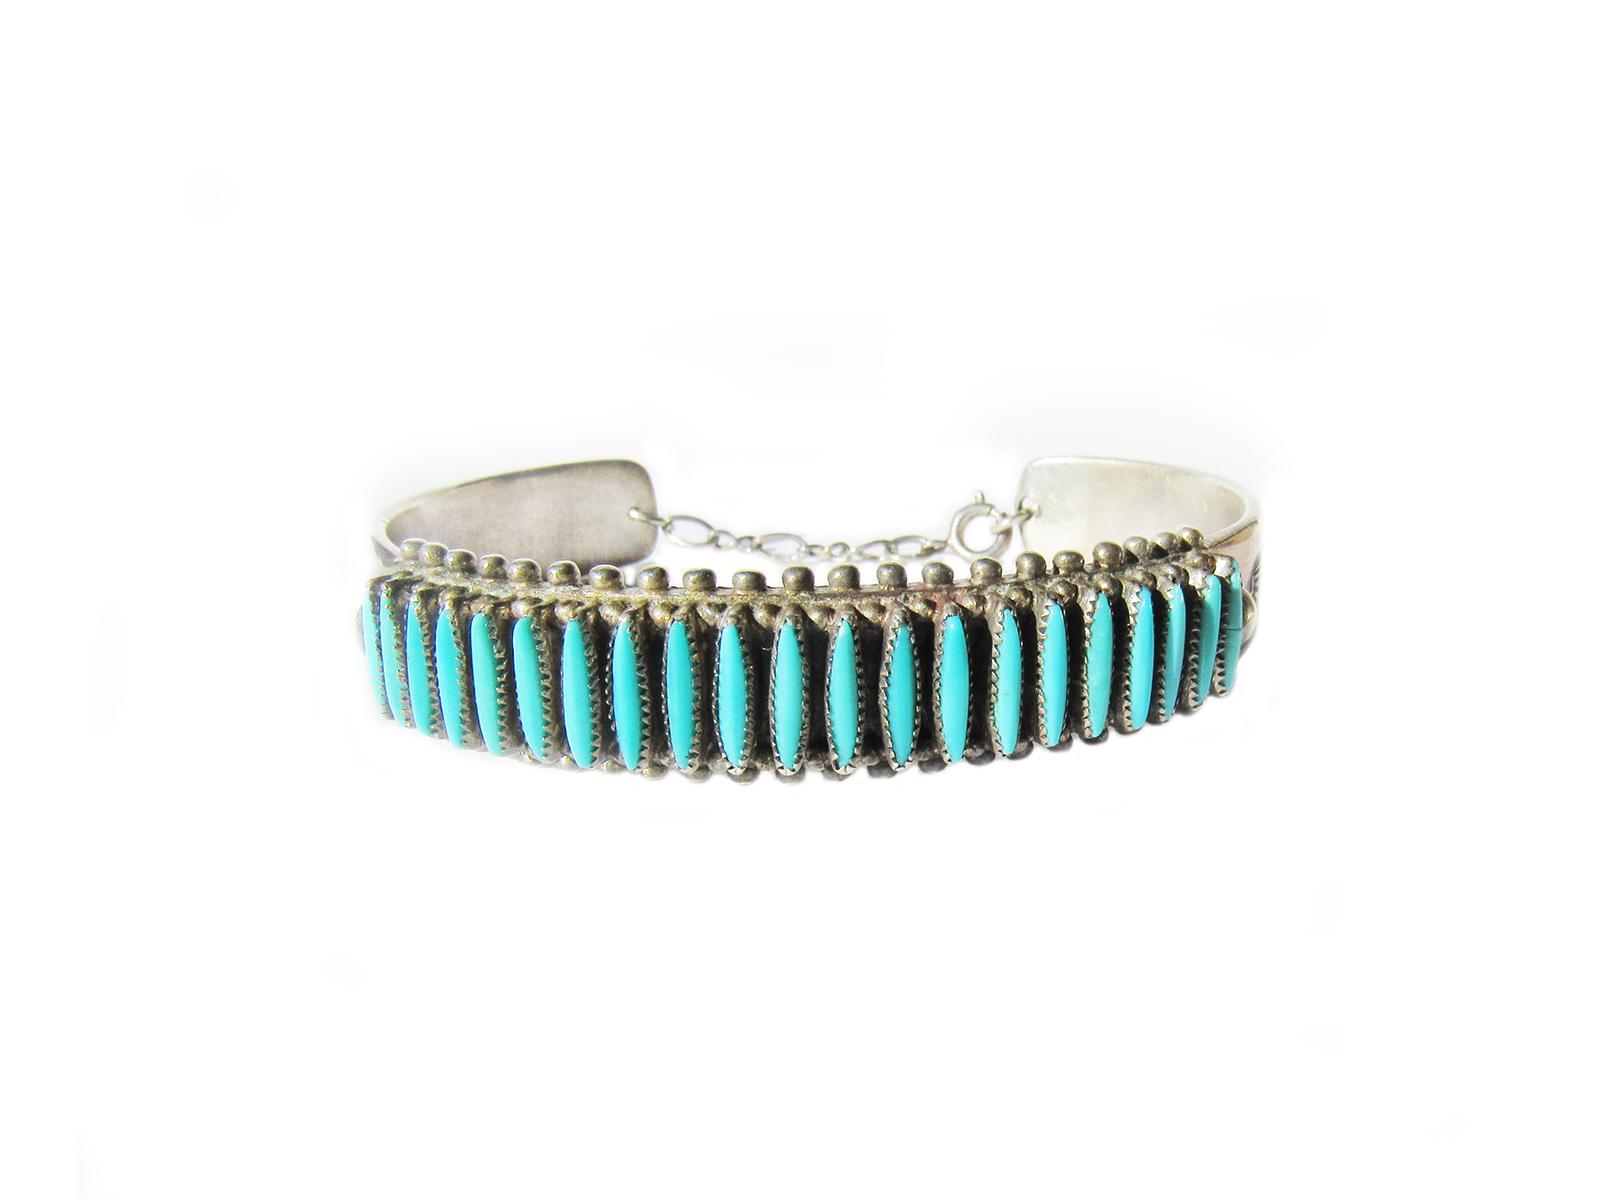 Needlepoint Turquoise Bracelet